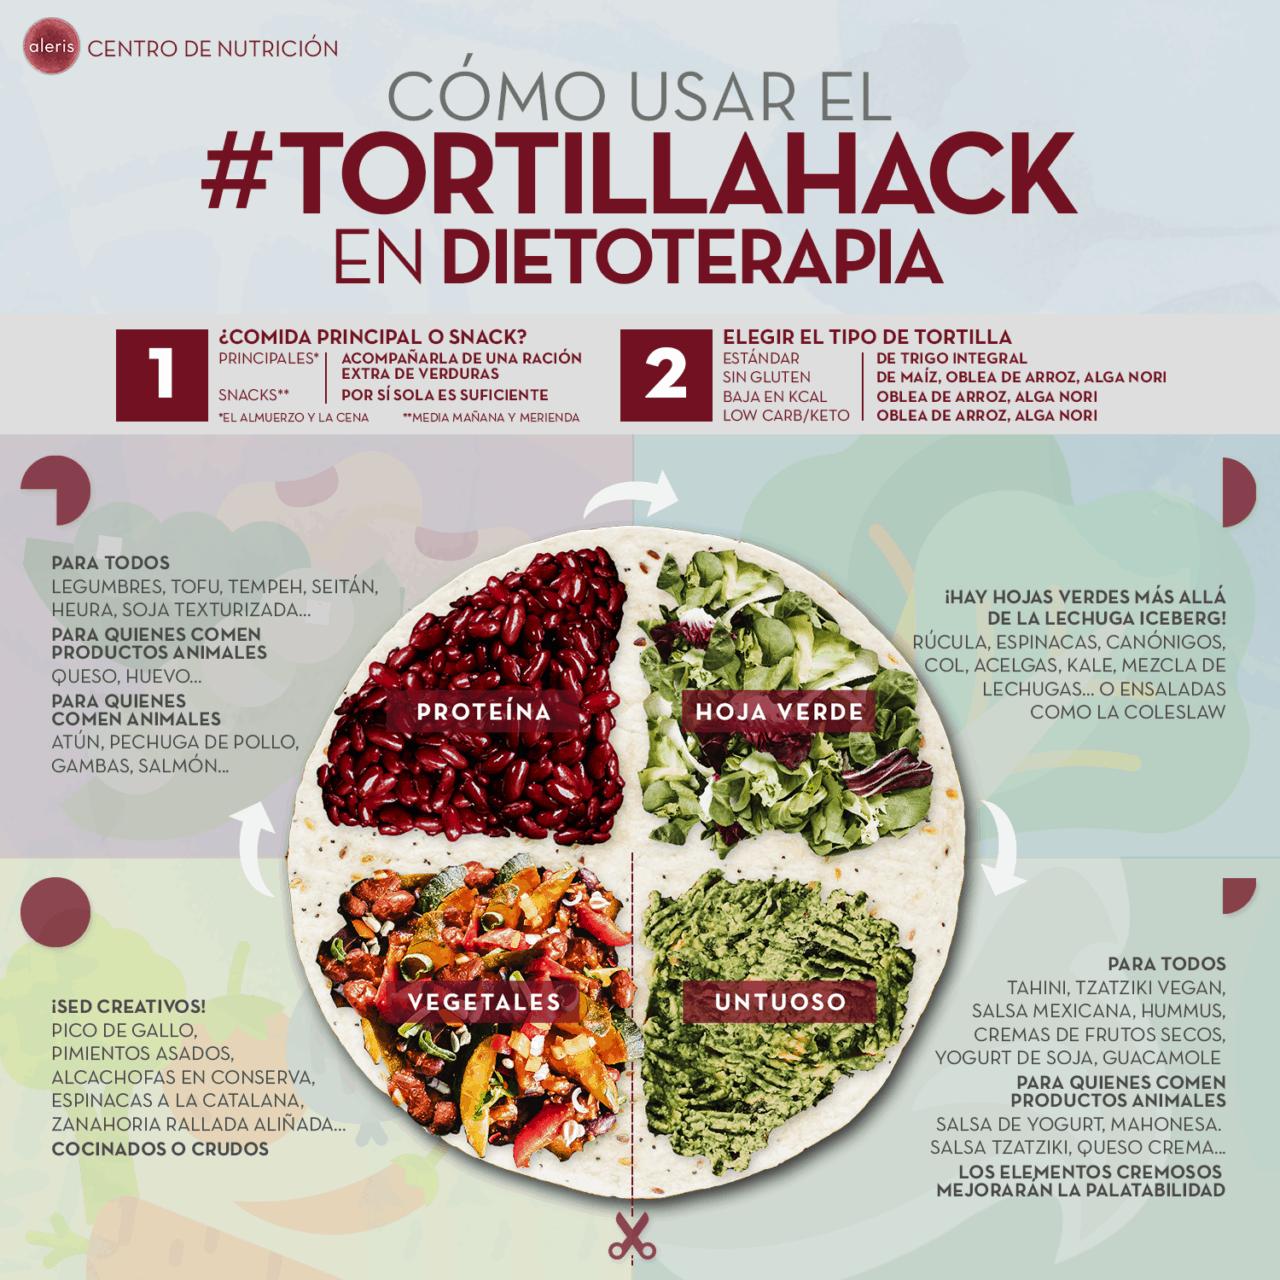 Tortilla Hack